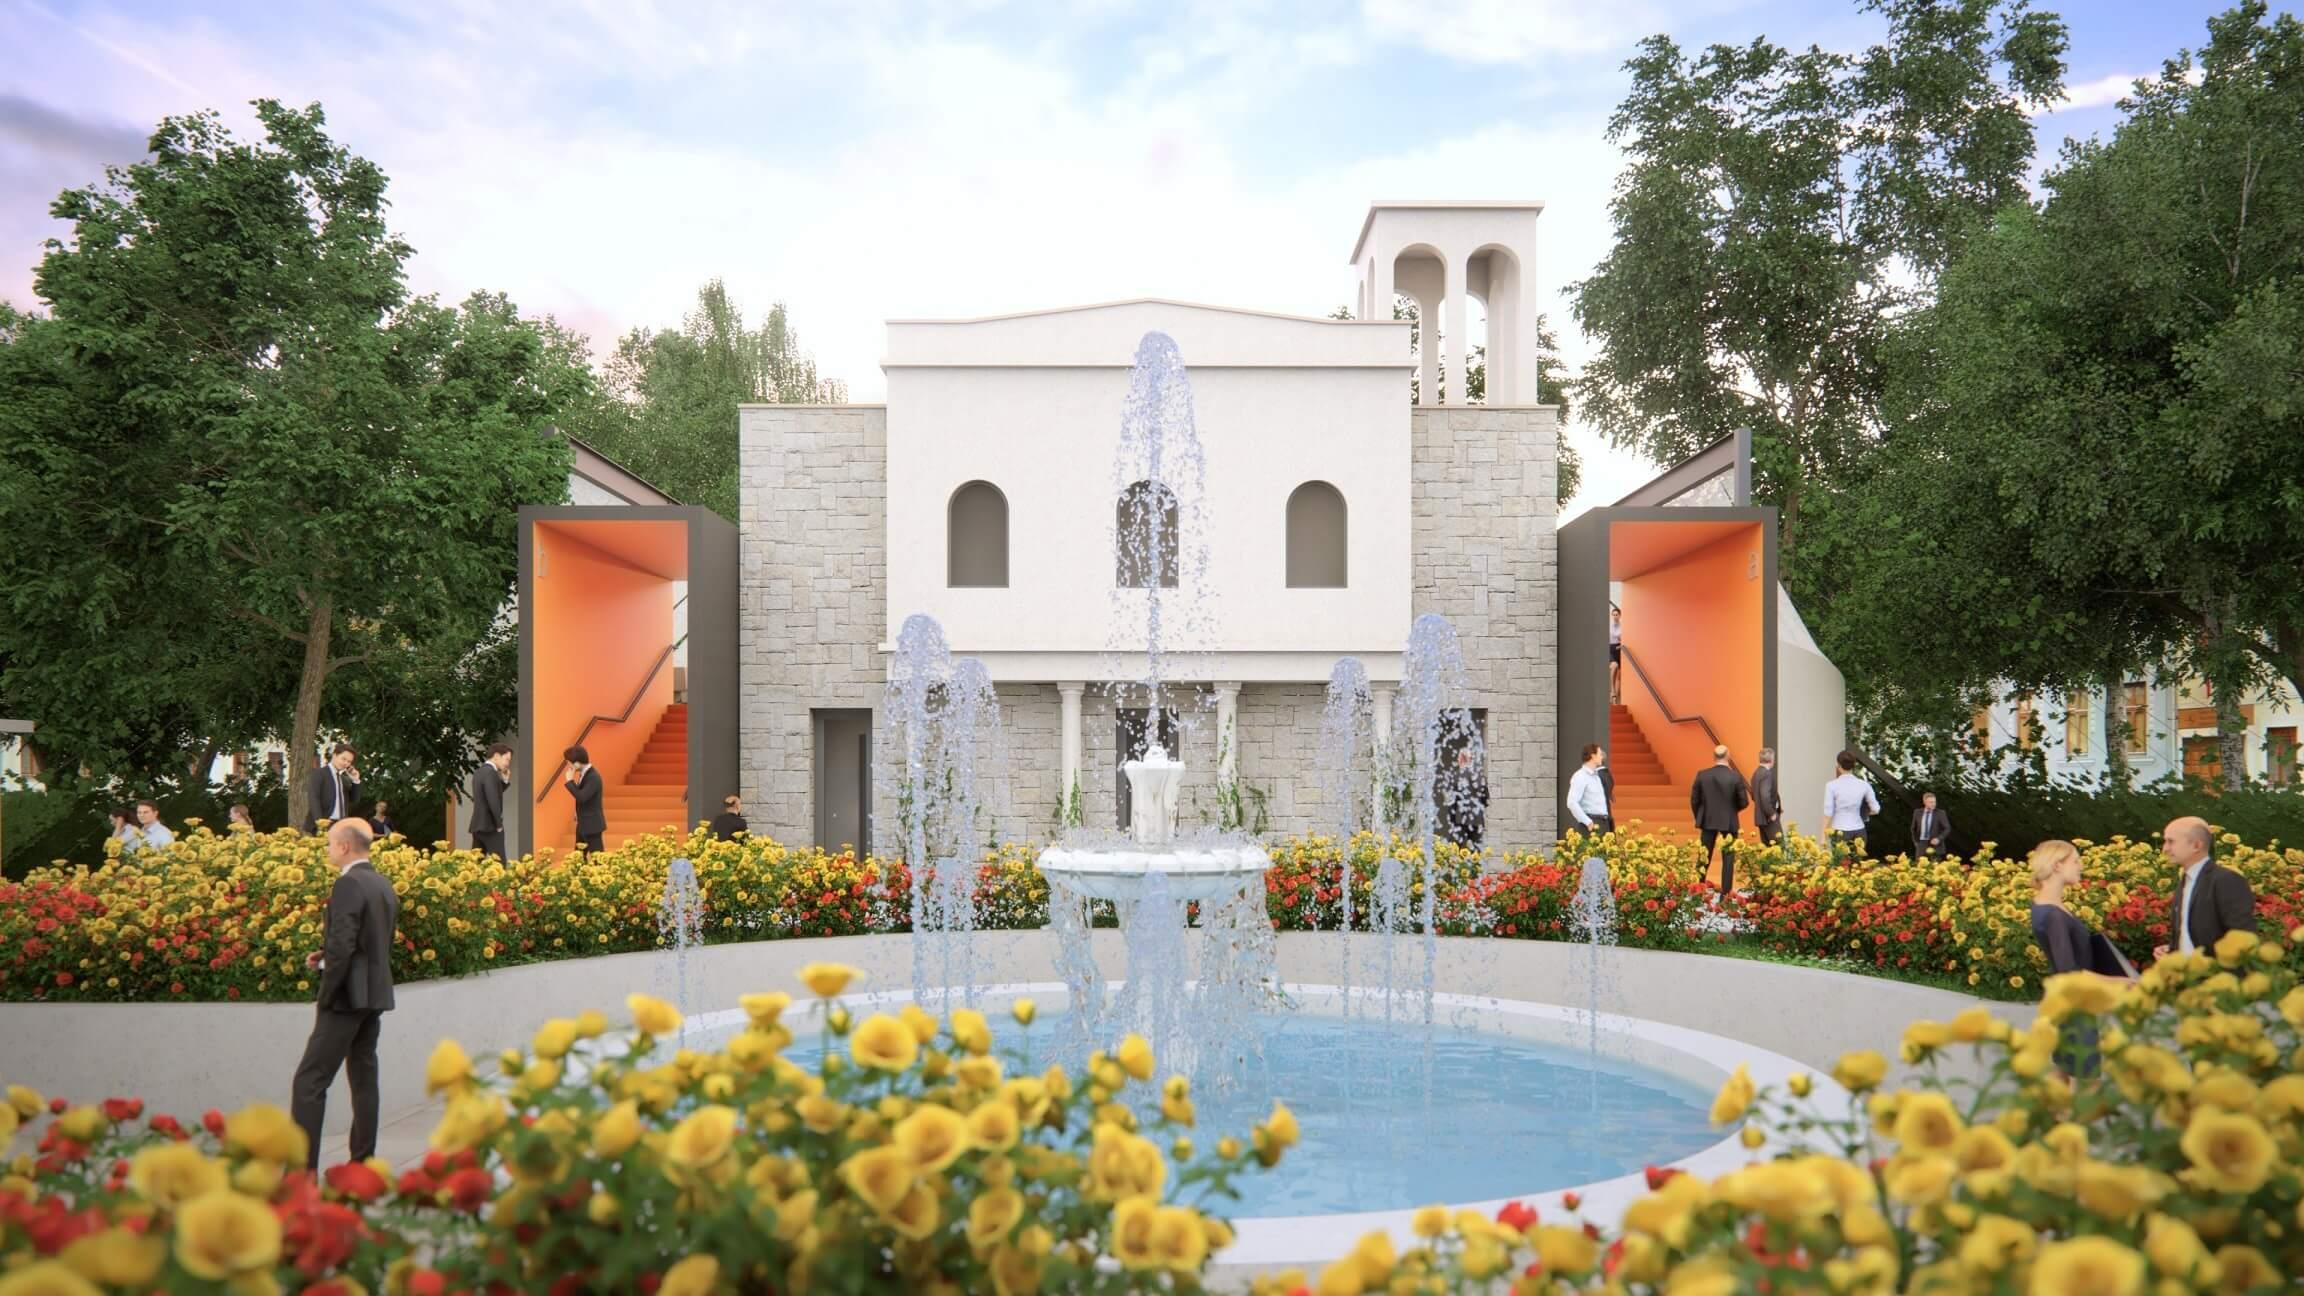 Augusztusban már várja nézőit Nyíregyháza új szabadtéri színpada